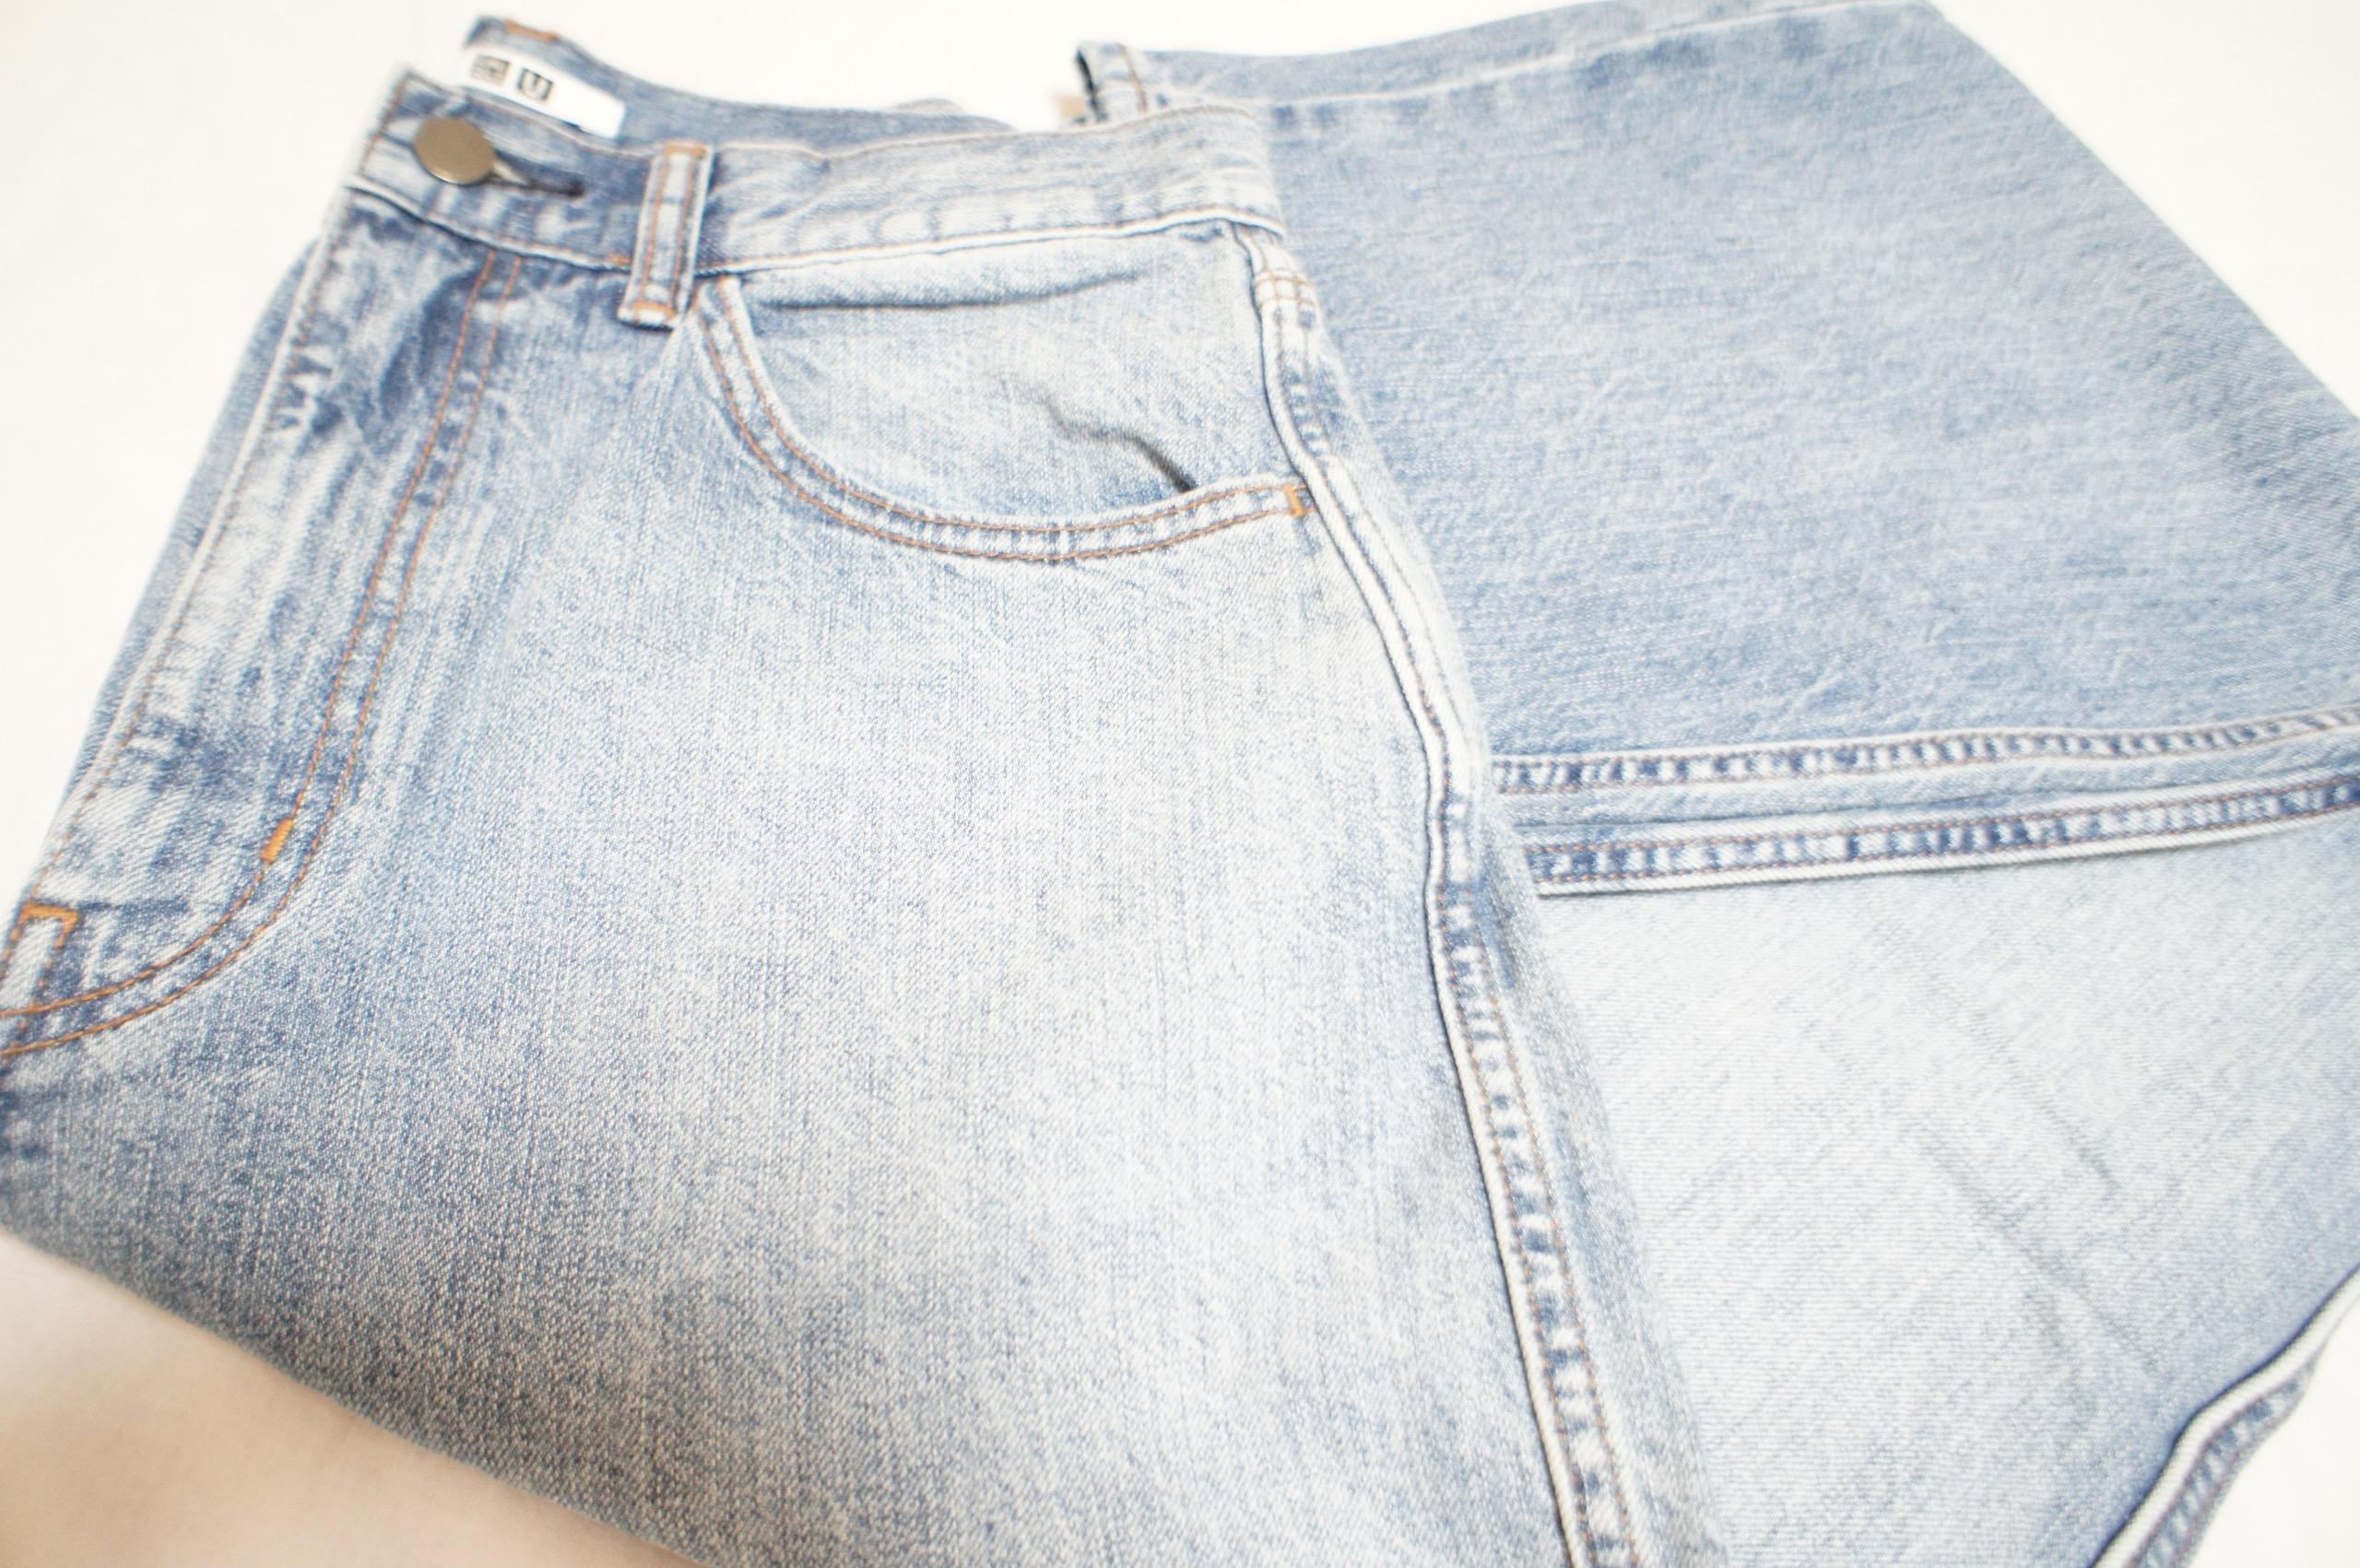 【ZARA&ユニクロ・GU】働く女子が買ったプチプラブランドのアイテムまとめ   ファッション_1_28